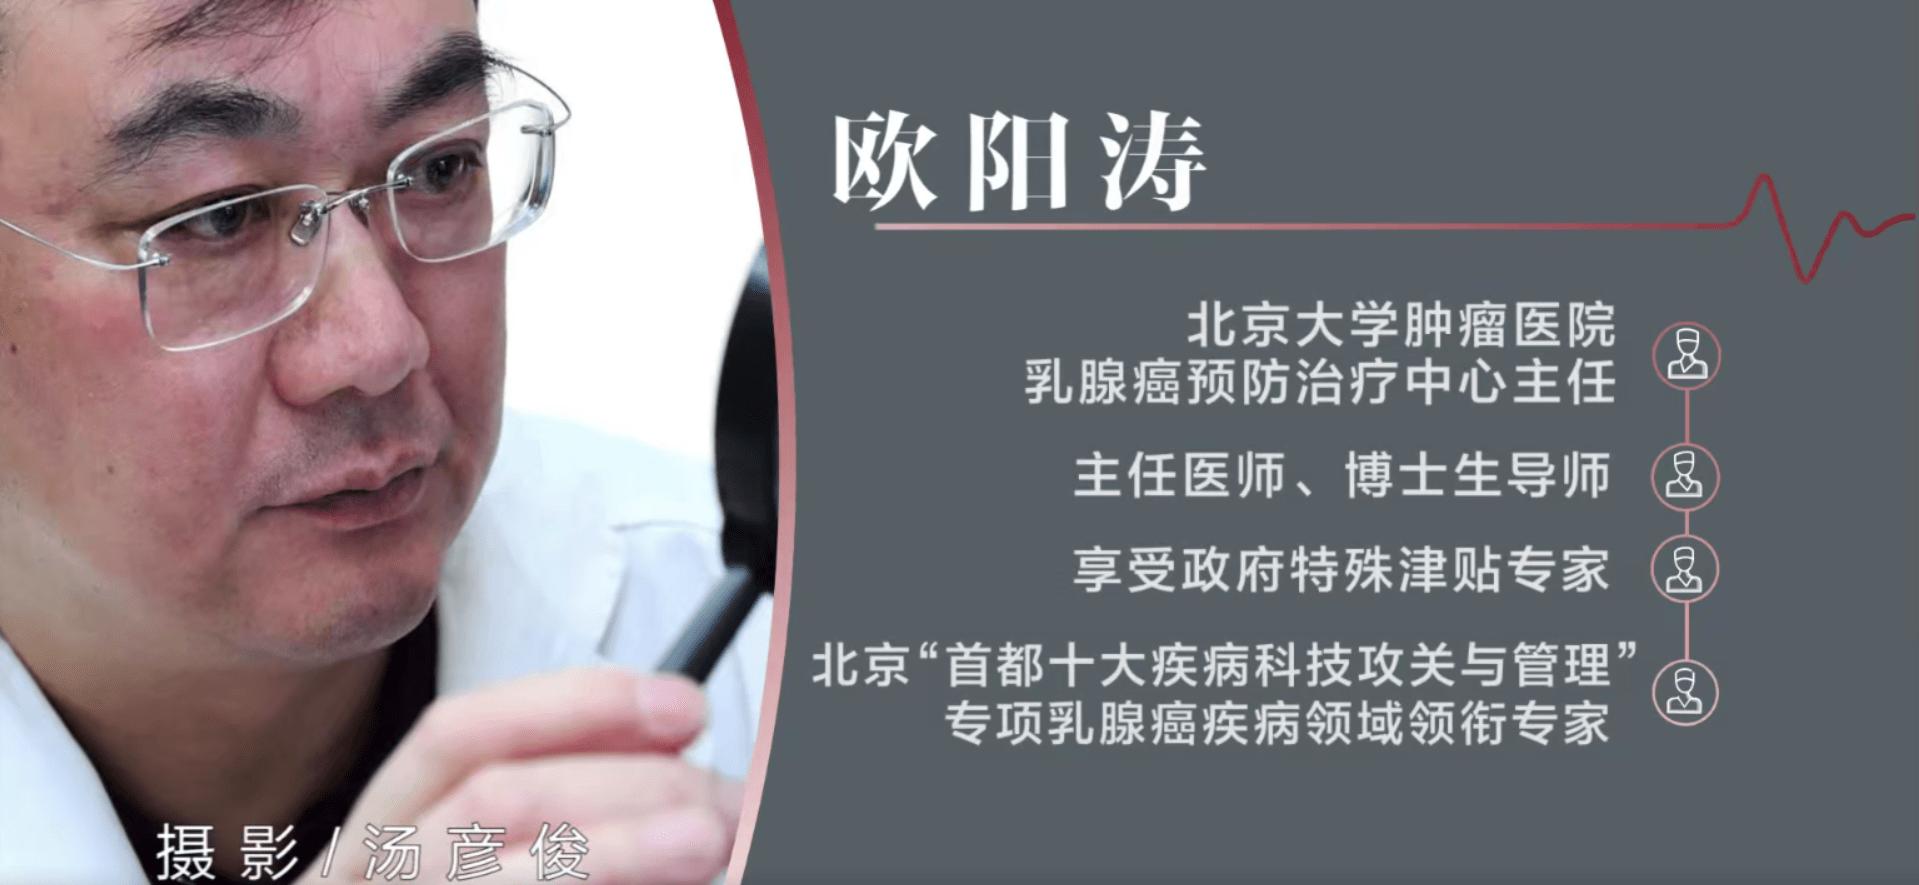 对话北肿欧阳涛:乳腺癌医生怎么看待乳腺增生? | 搜狐健康课·精编